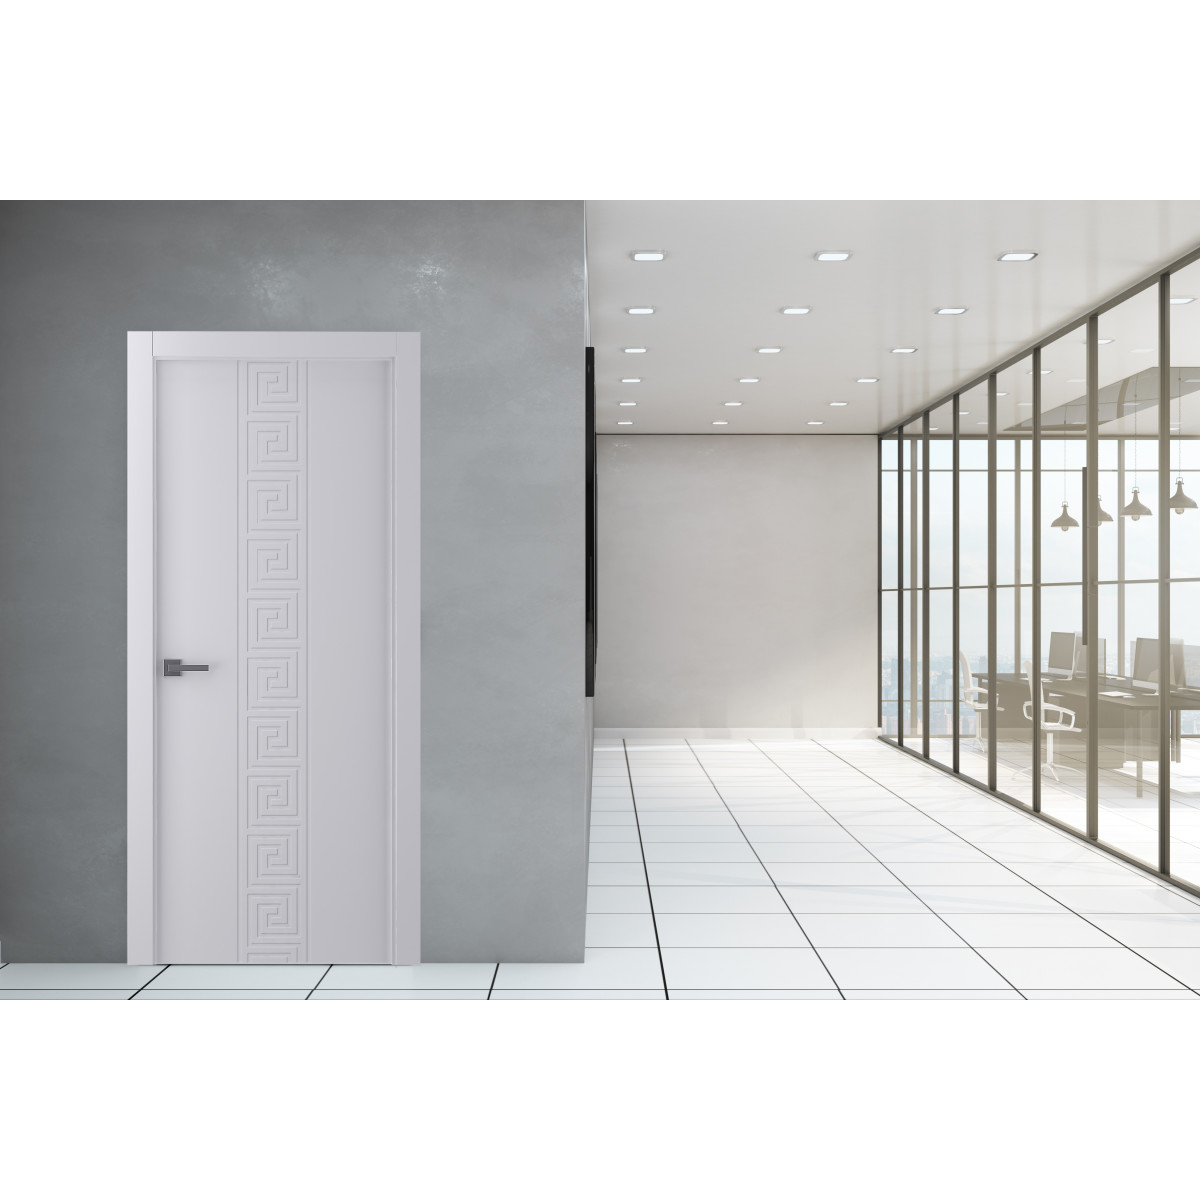 Дверь Межкомнатная Глухая С Замком В Комплекте Эллада 90x200 Экошпон Цвет Белый